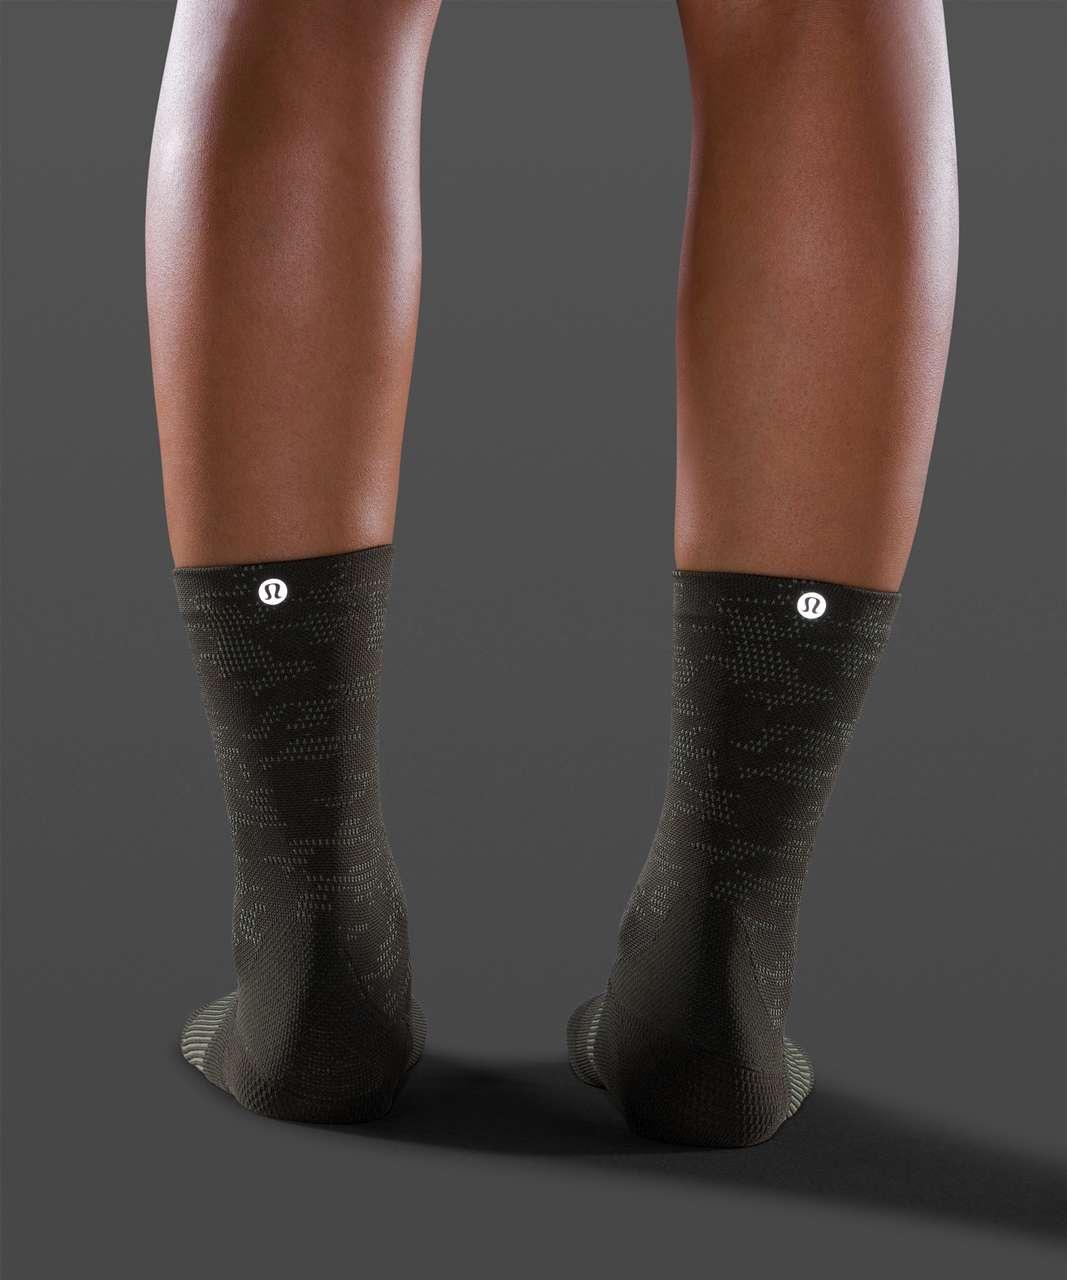 Lululemon Power Stride Crew Sock *Camo - Dark Olive